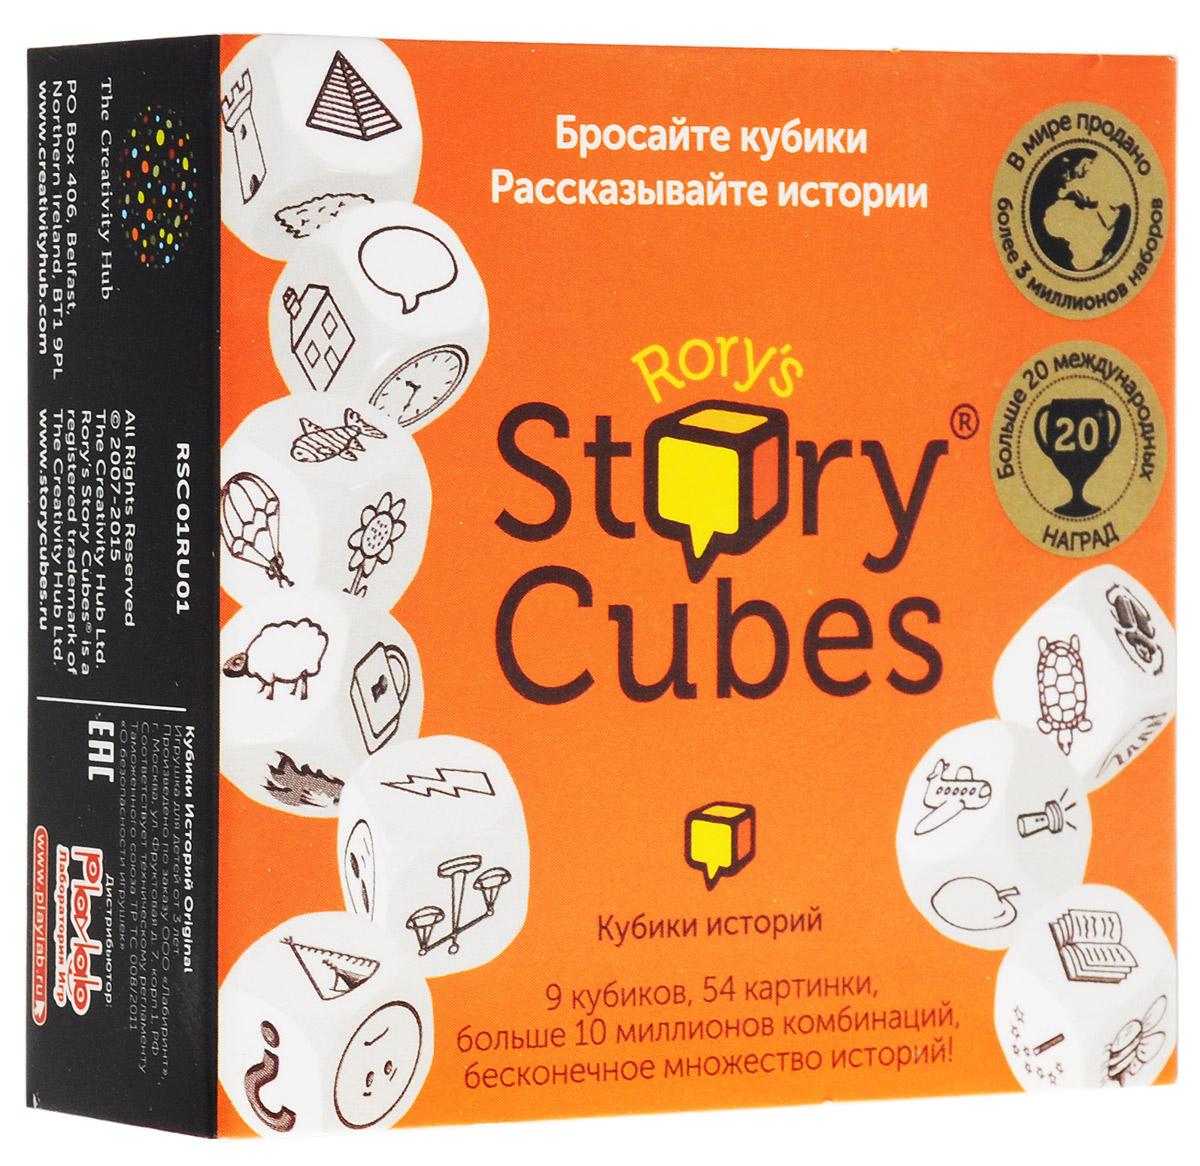 Story Cubes Игральные кубики Original игра настольная обучающая rory s story cubes кубики историй космос